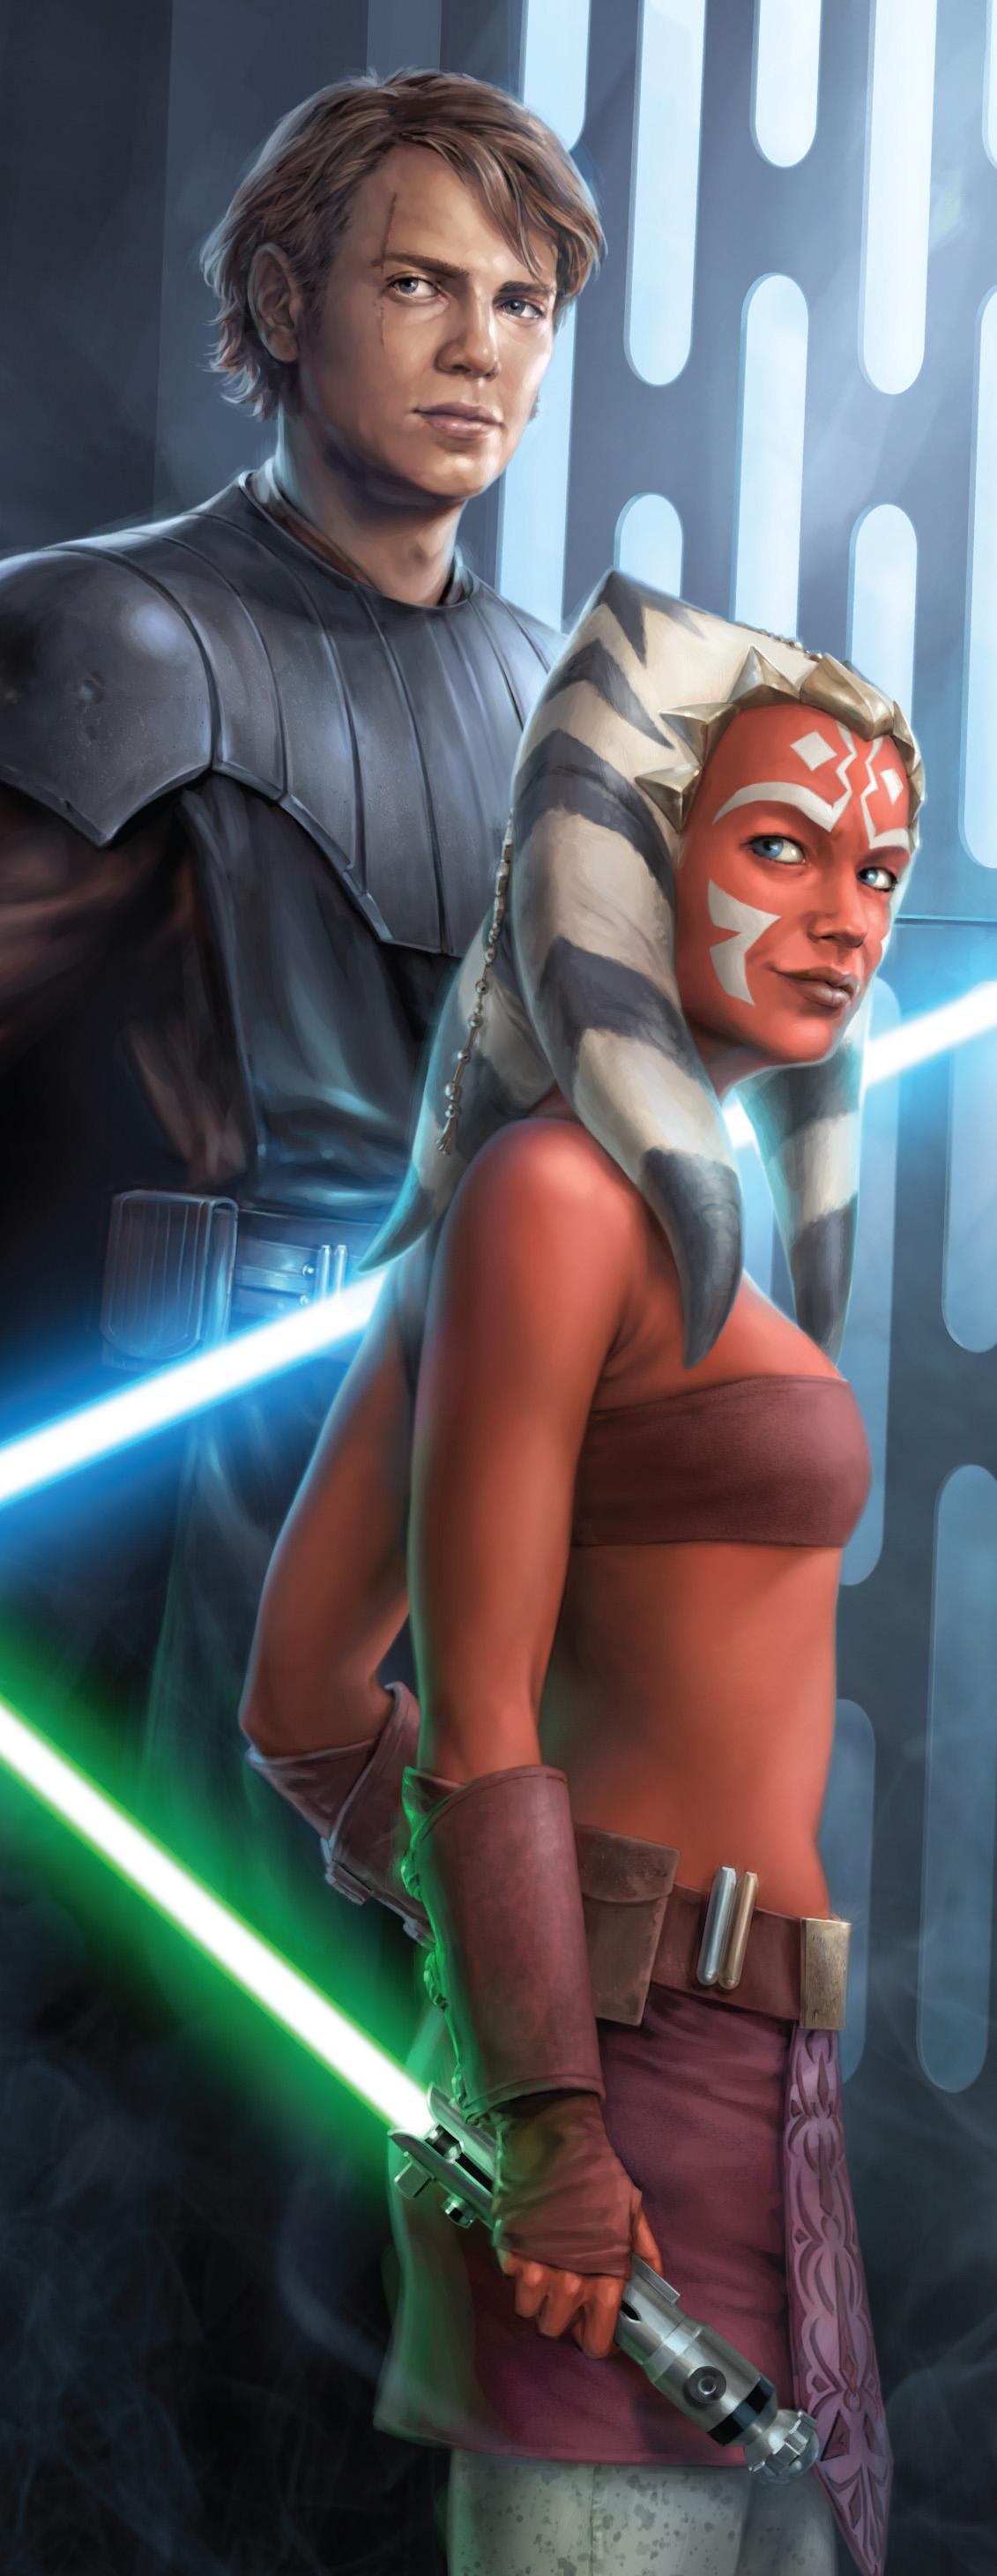 Star wars sexpicture cartoon nude comic